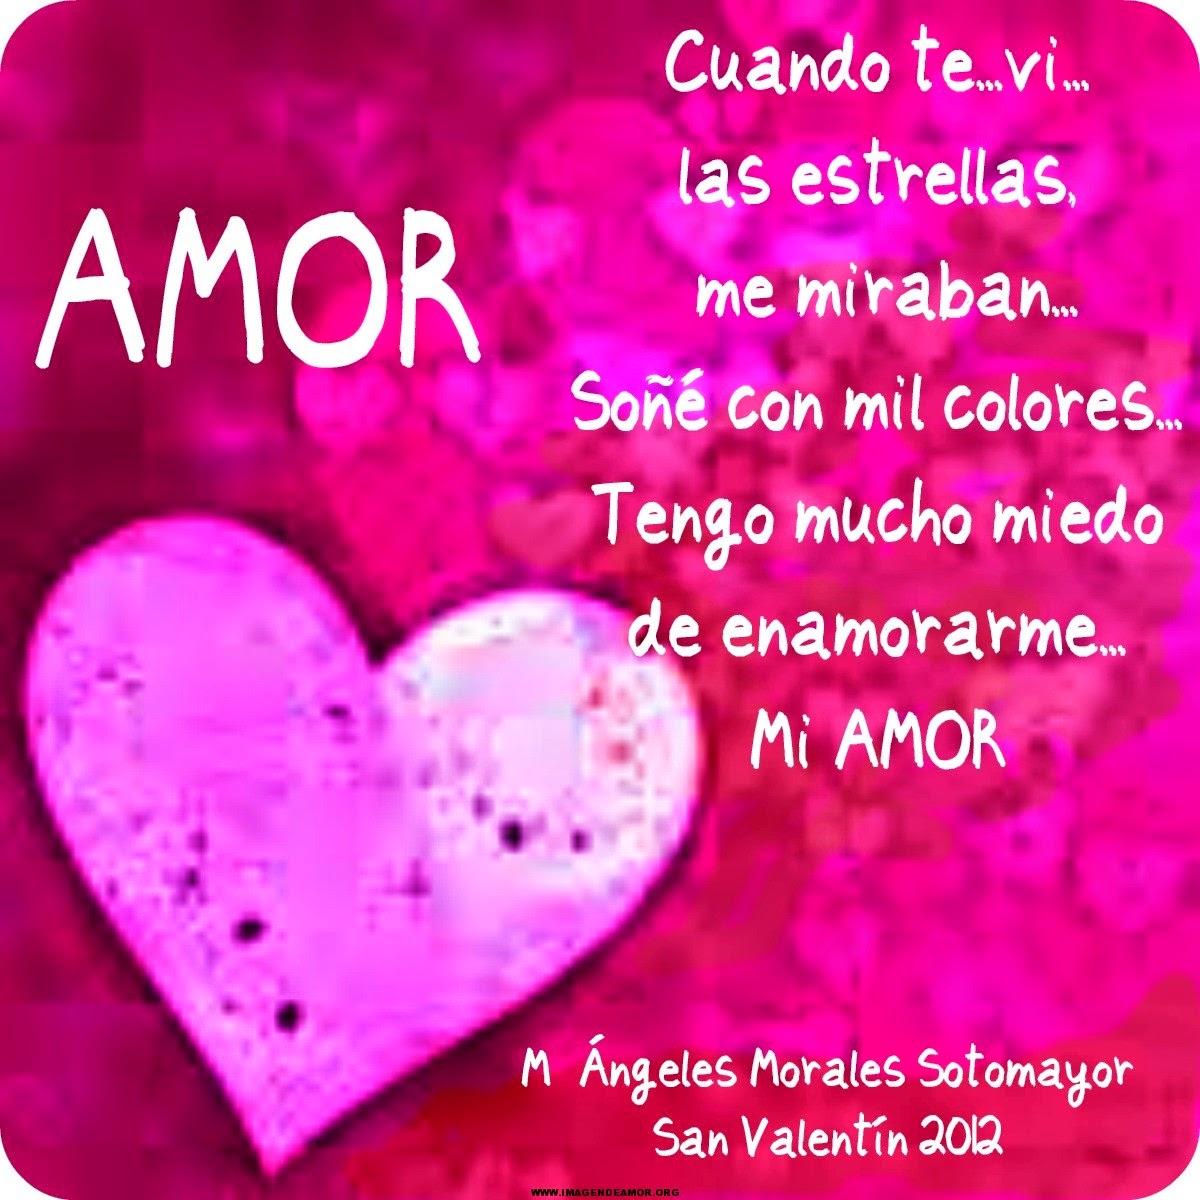 Cartas romanticas de amor-romanticos poemas de amor-imagenes de amor con frases-fotos de amor con movimiento-romanticas-imagenes de amistad-bellas-hermosas-tiernas-lindas